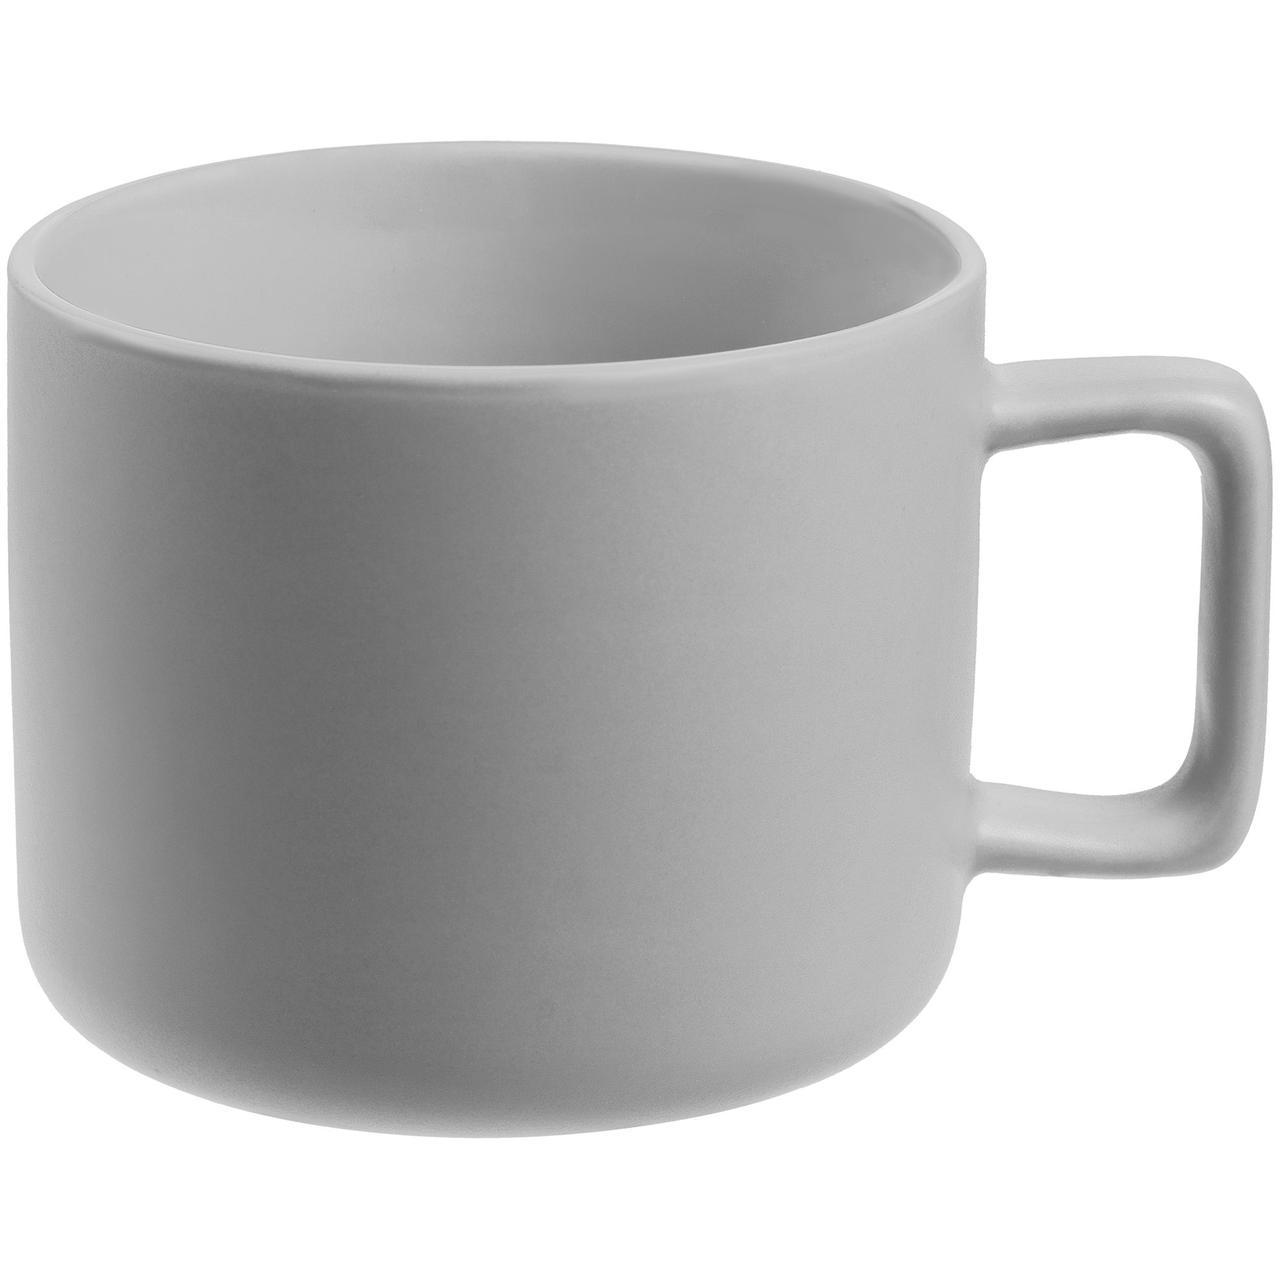 Чашка Jumbo, матовая, светло-серая (артикул 12917.10)